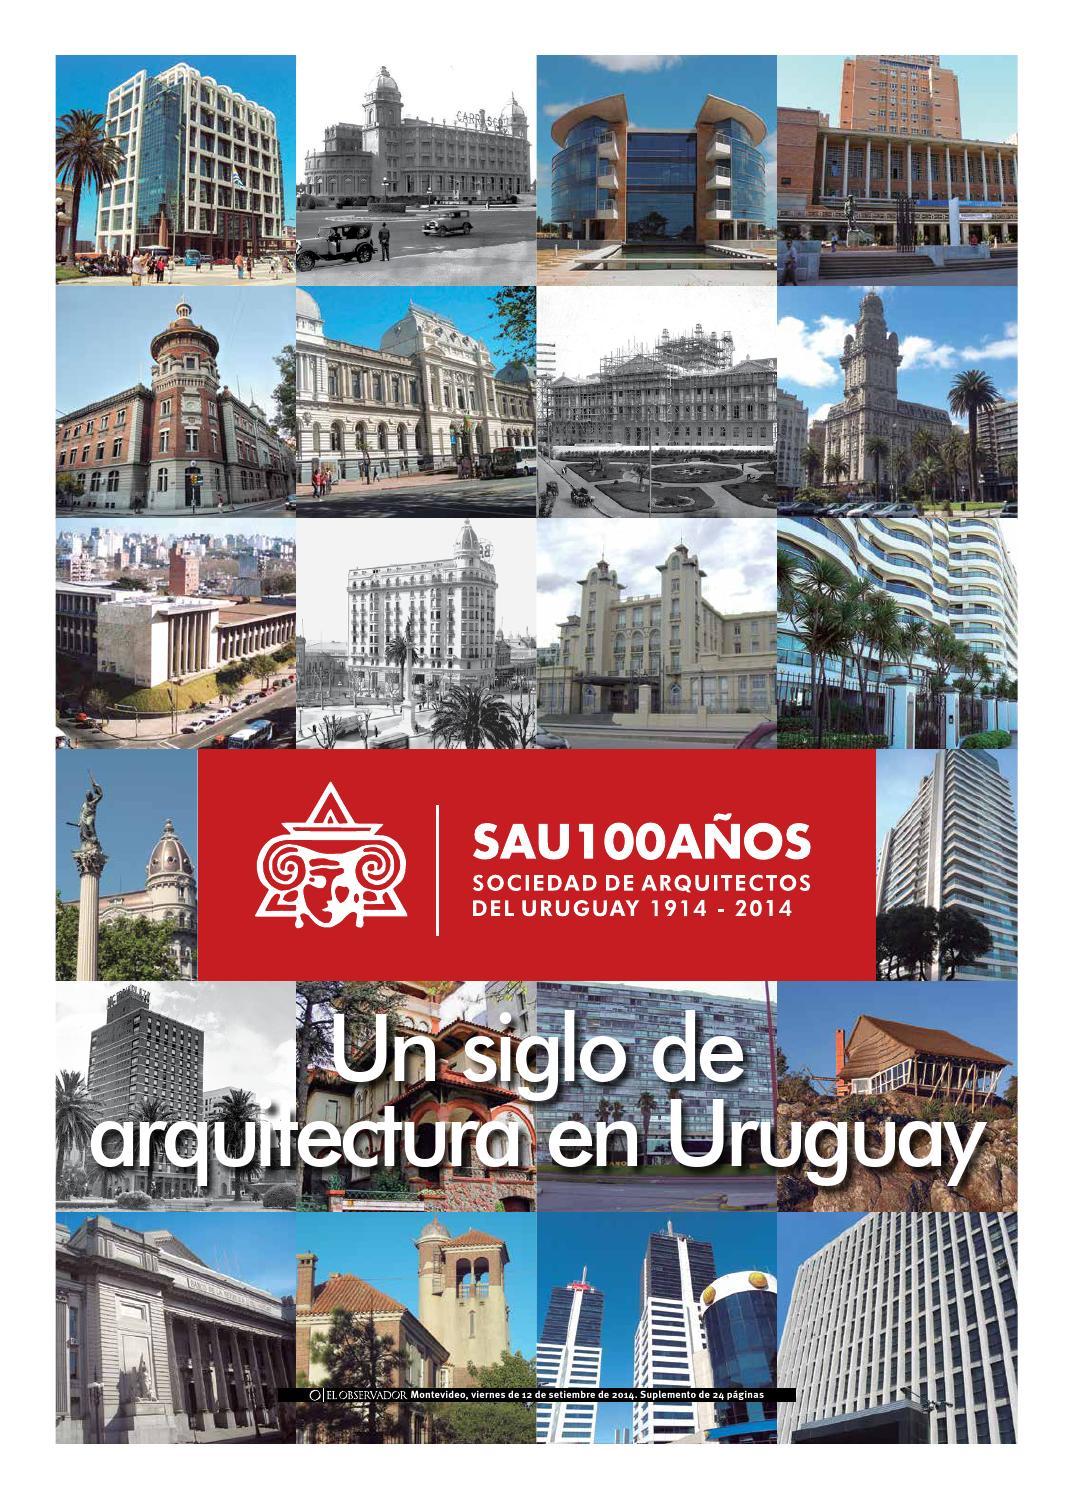 Un siglo de arquitectura en uruguay by sociedad de - Sociedad de arquitectos ...